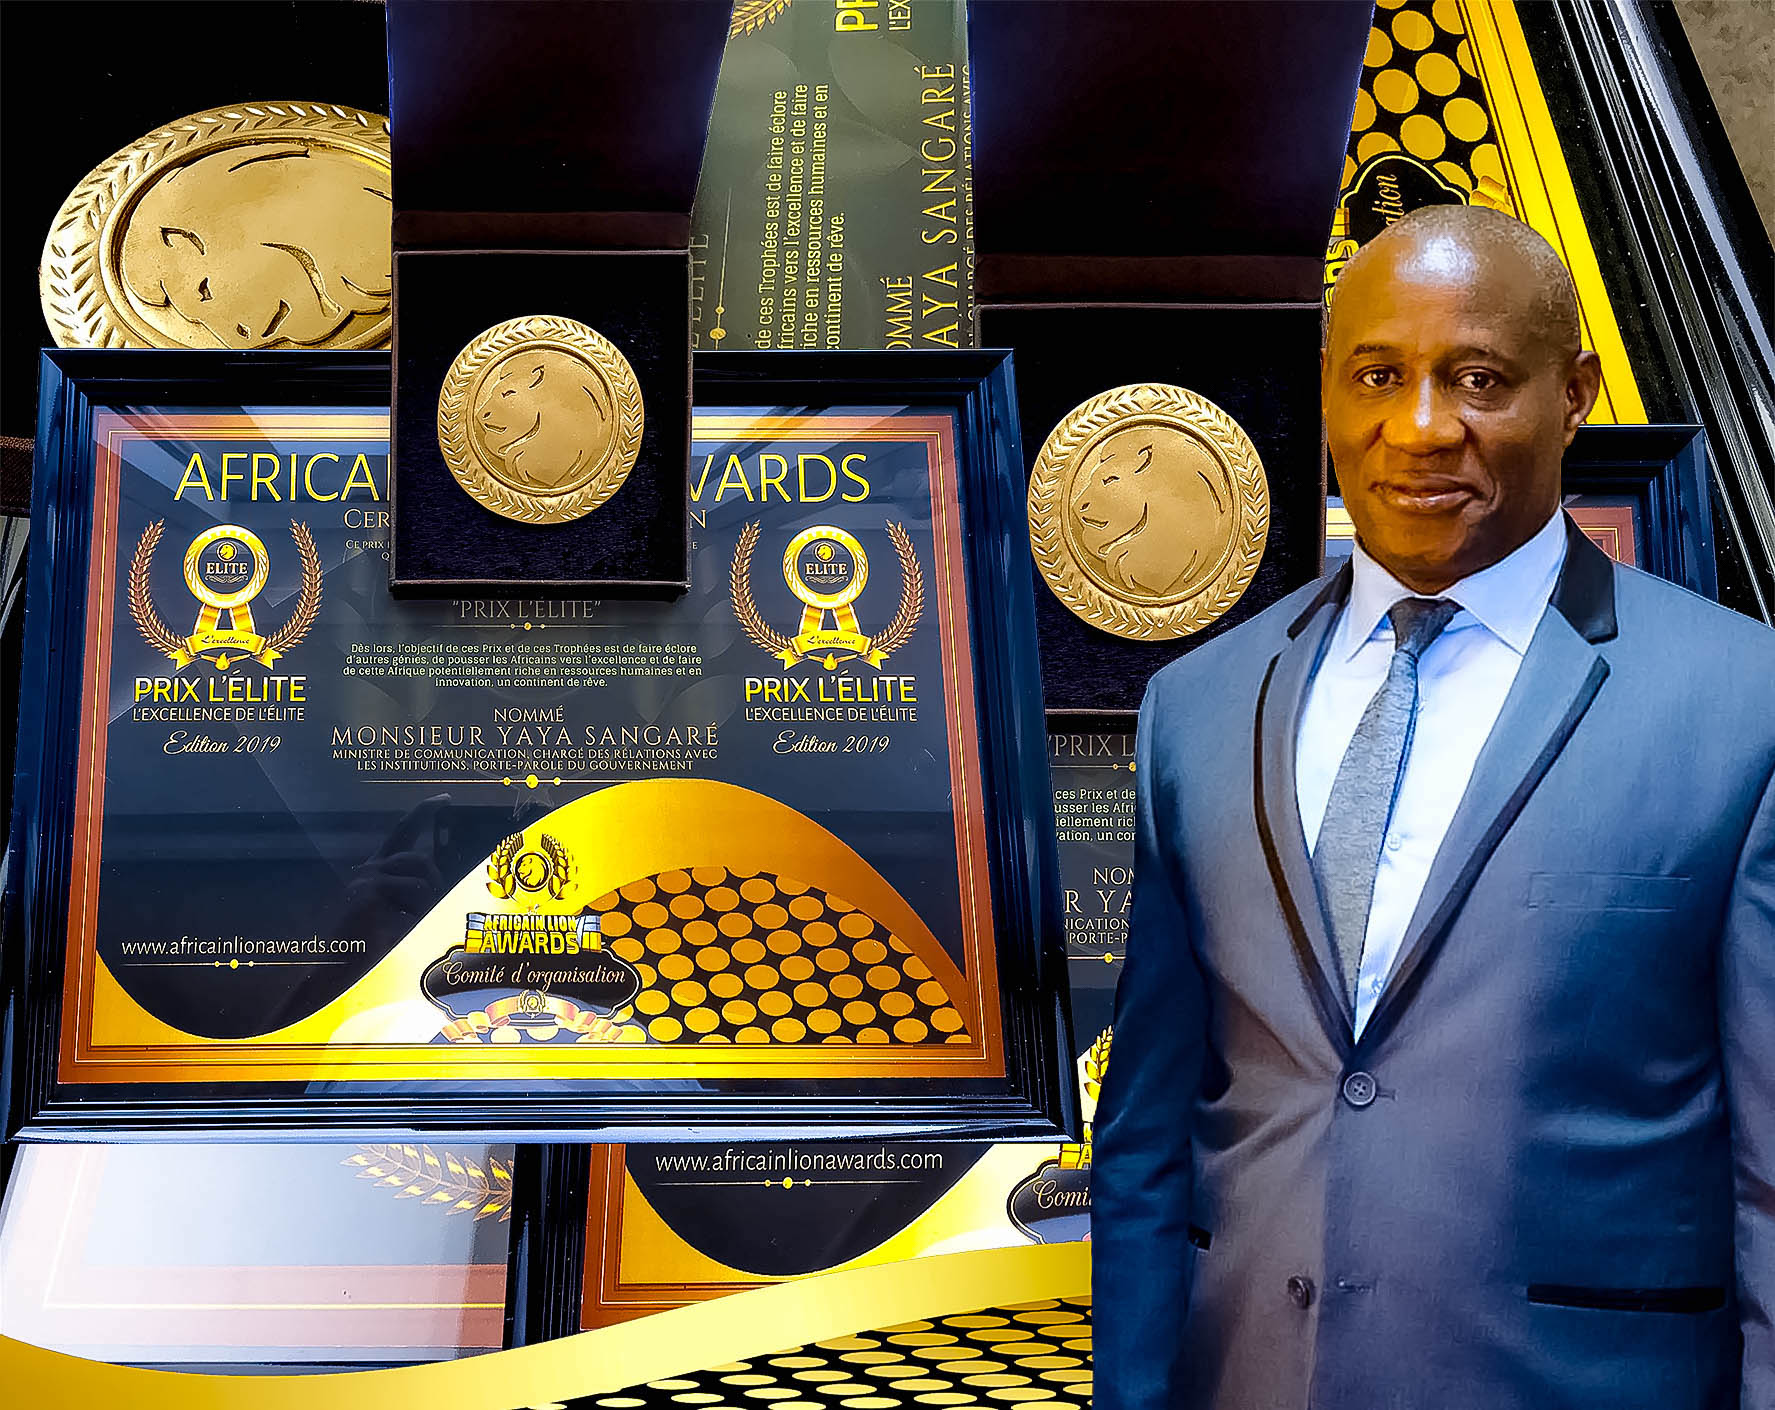 """Le Ministre Yaya Sangare a reçu en audience, ce lundi 2 septembre 2019, le comité de """"Africain Lion Awards ALA» représenté par M. Drissa Kanambaye"""